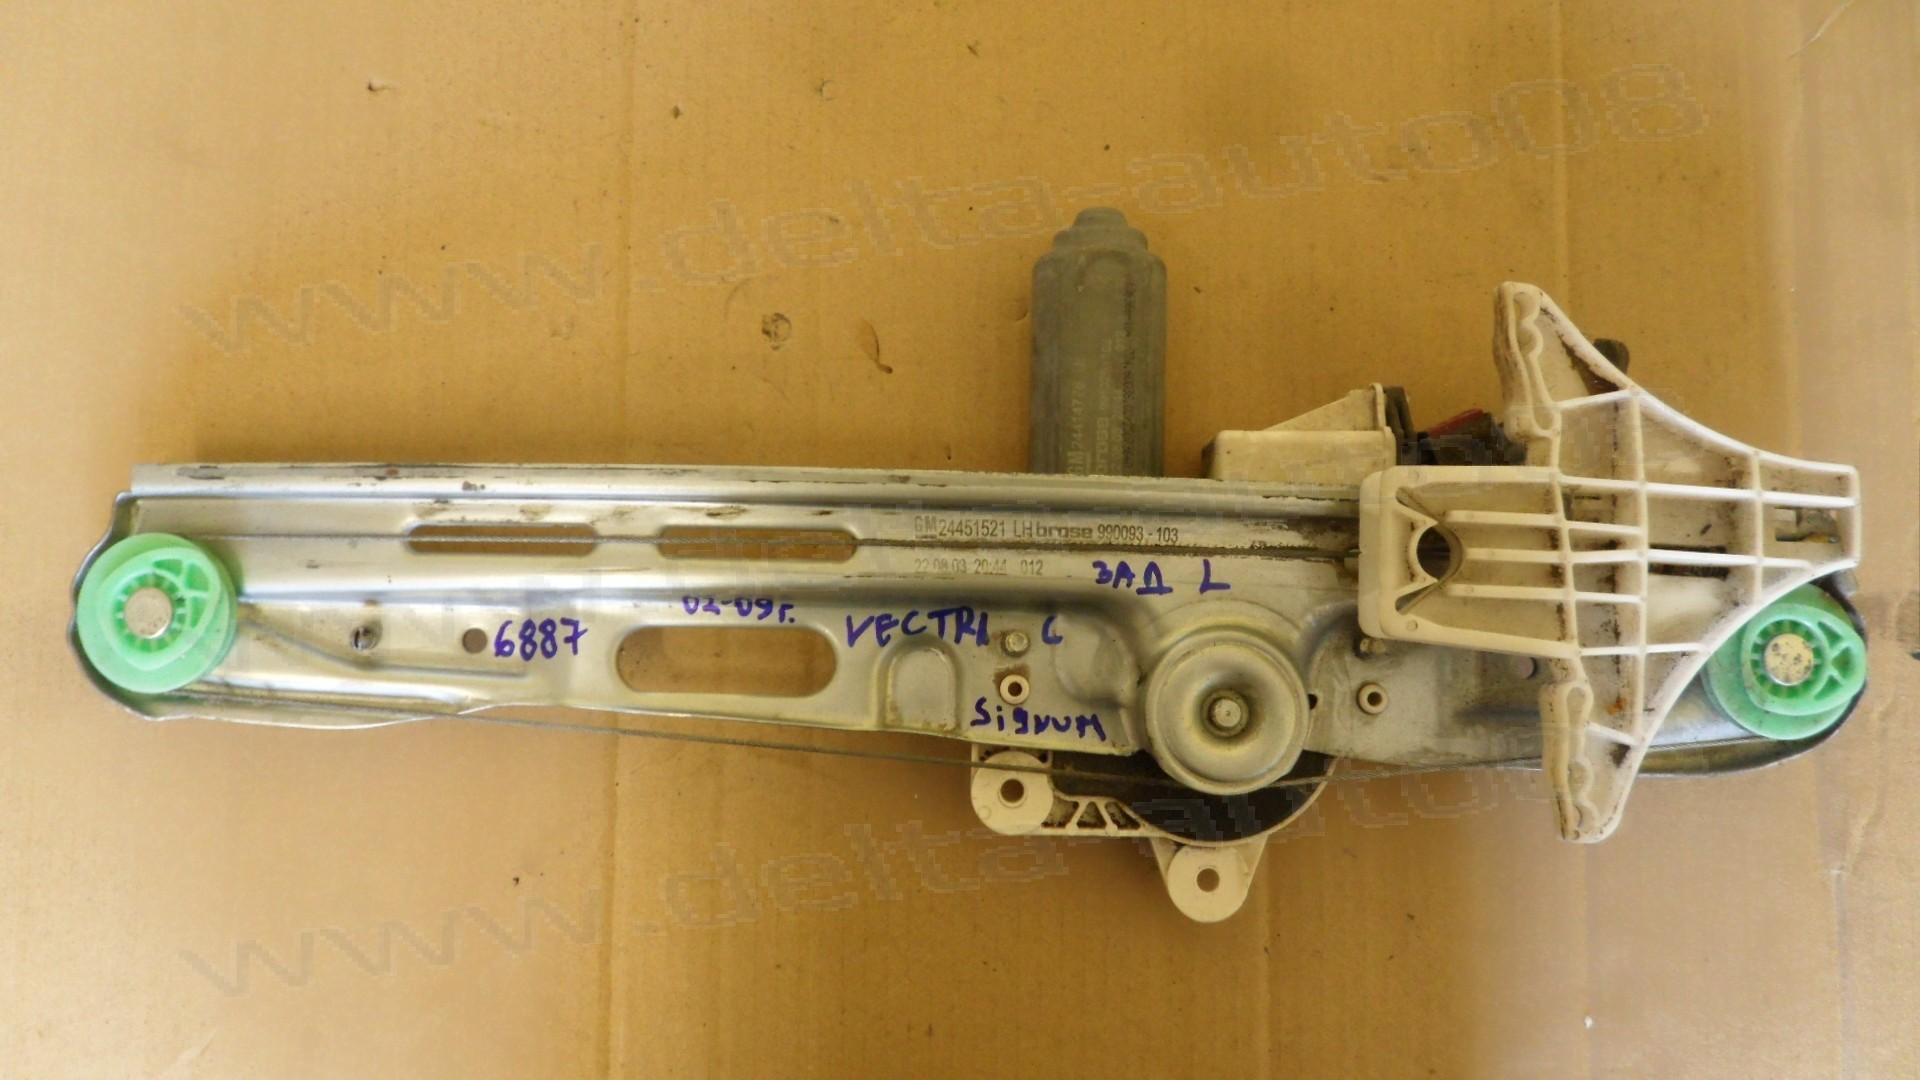 Стъклоповдигач, заден ляв за Opel Vectra C, Signum, 2002-2009г., 24451521, 990093-103, 990093103, 24414776, 991325-102,991325102